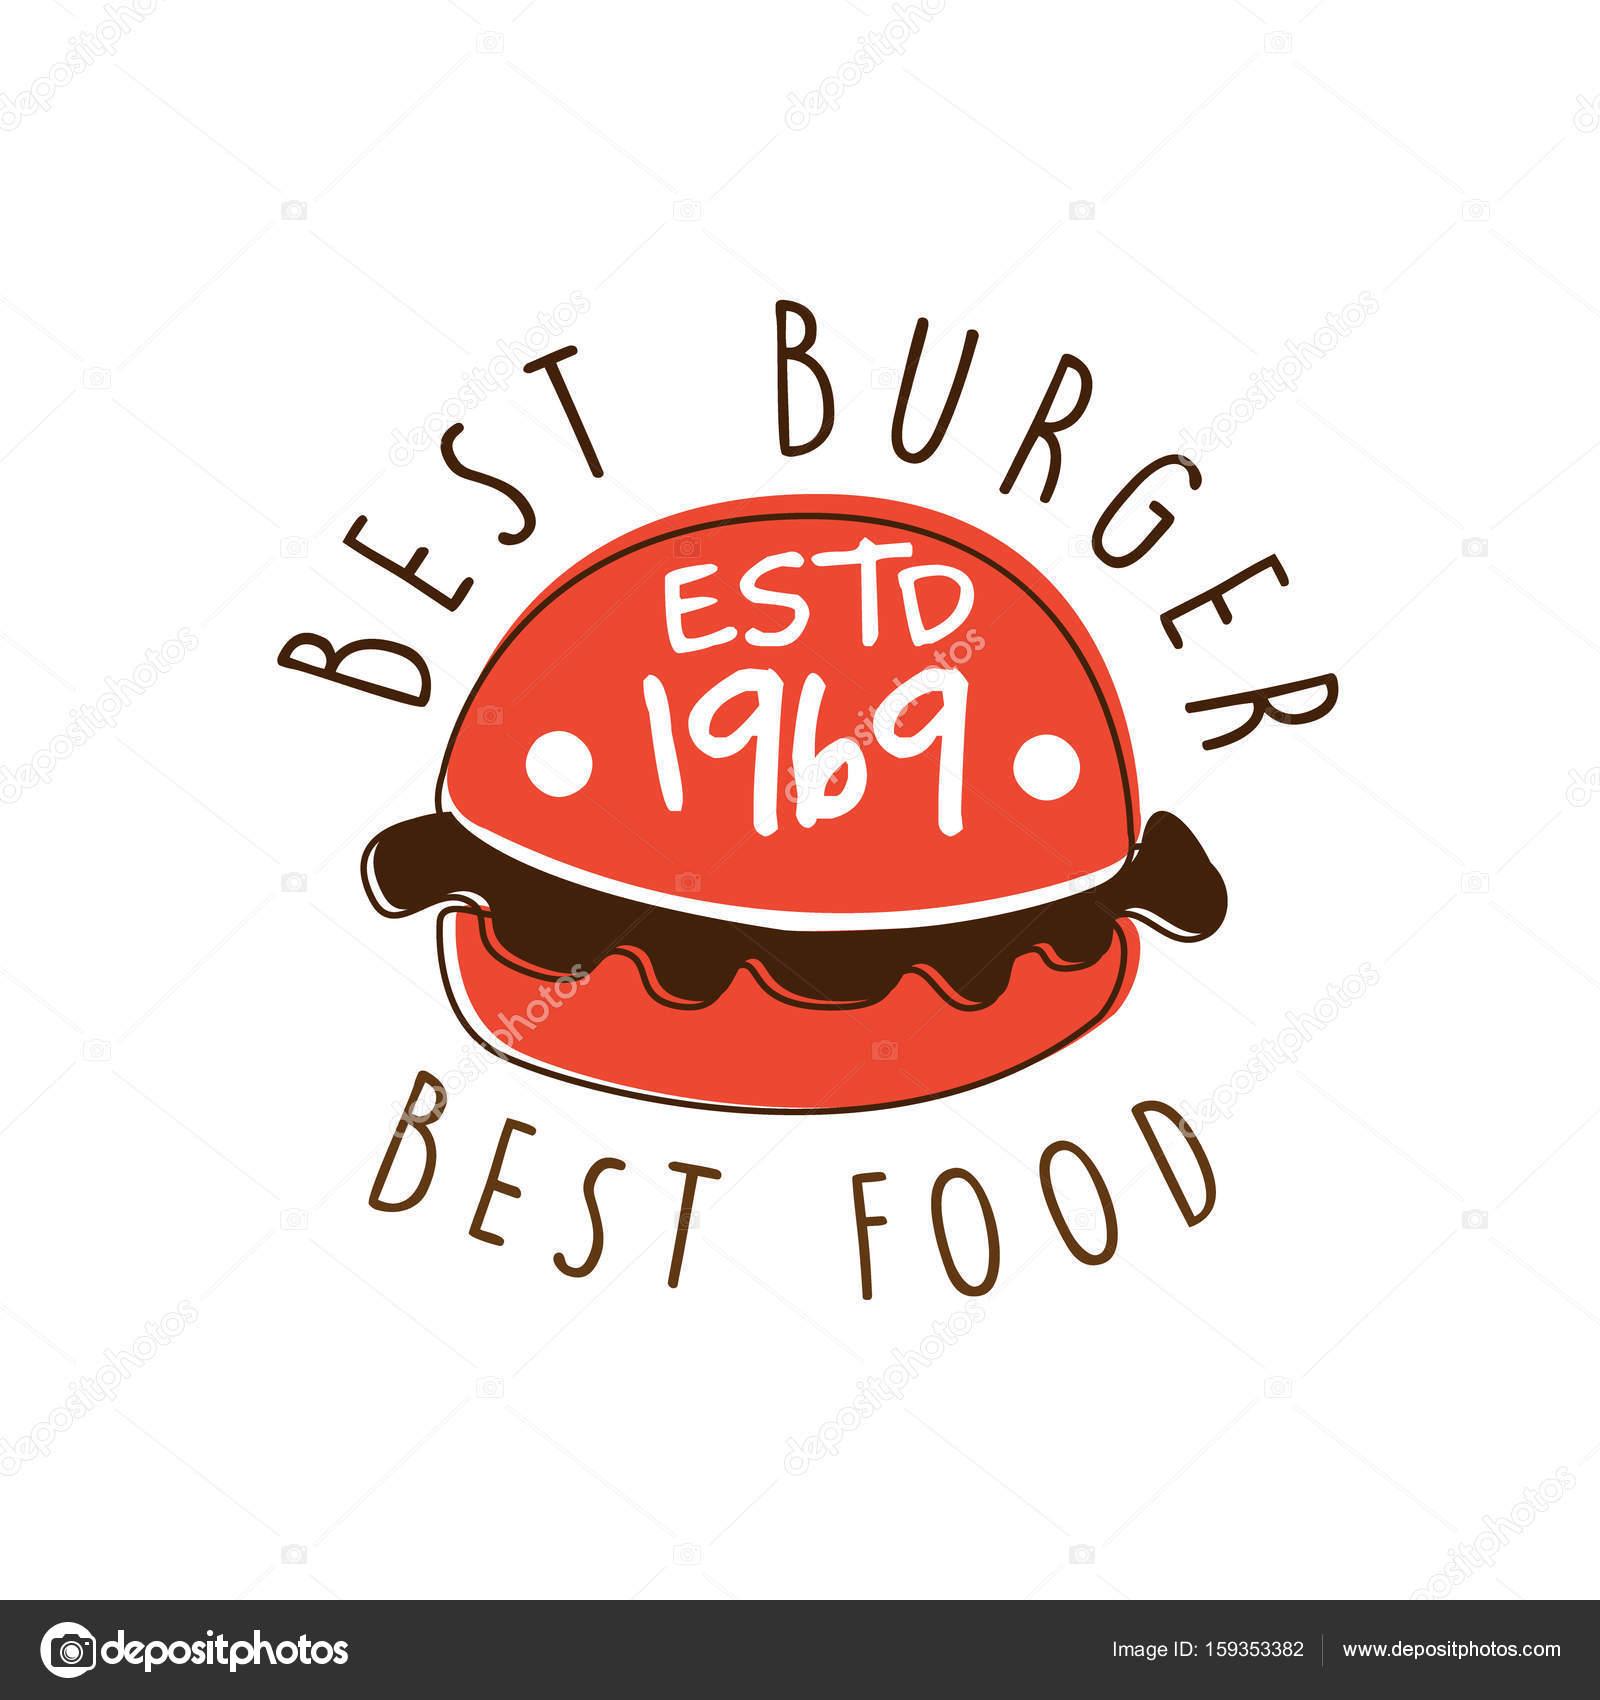 La mejor hamburguesa, mejor comida estd logo 1969 plantilla mano ...